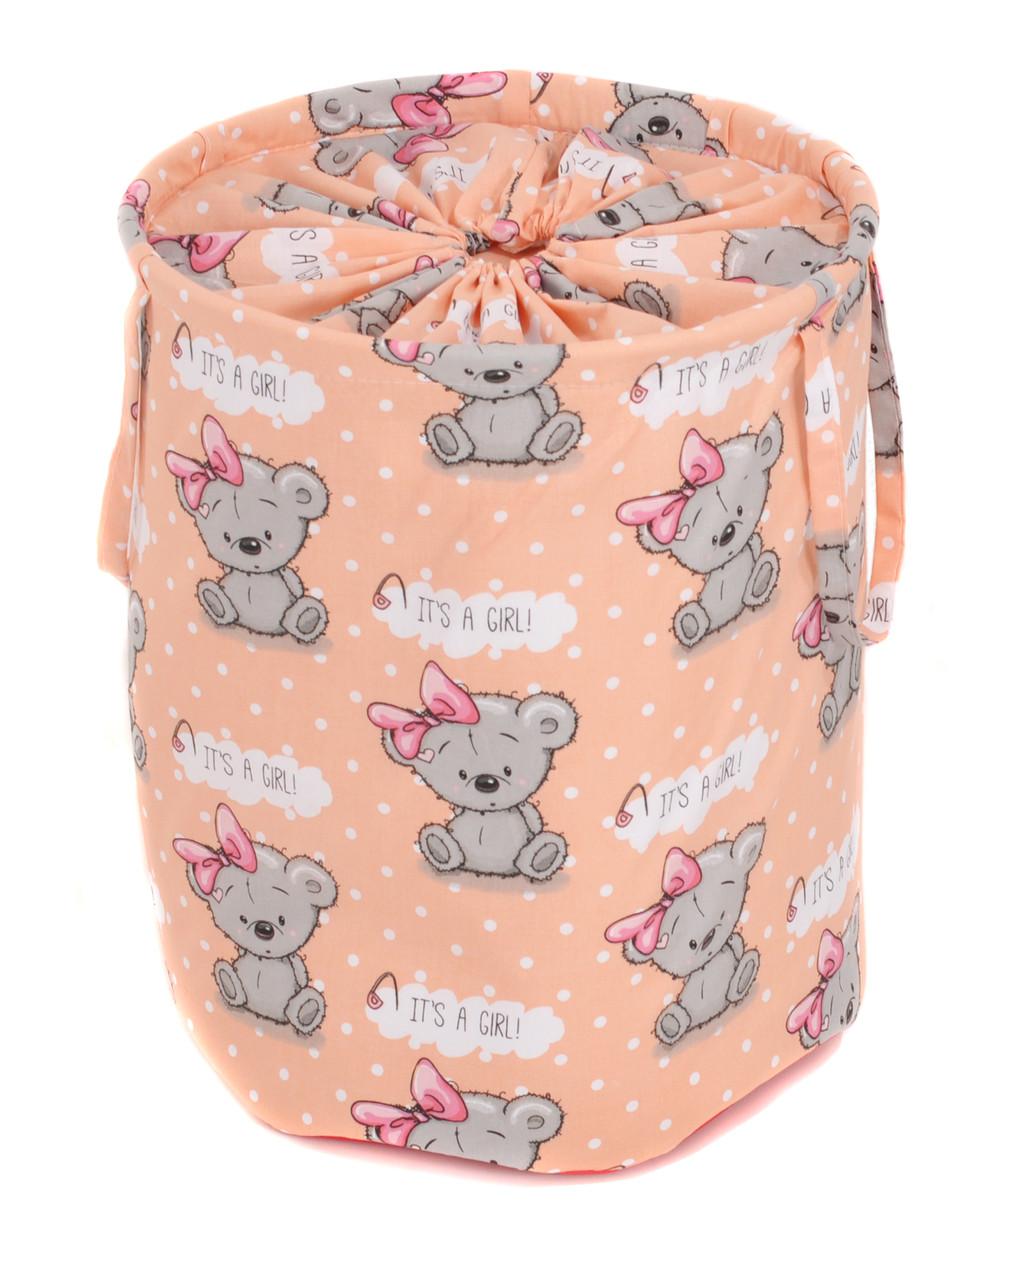 Мішок для зберігання іграшок, 40*50 см, (бавовна), Ведмедик дівчинка на рожевому